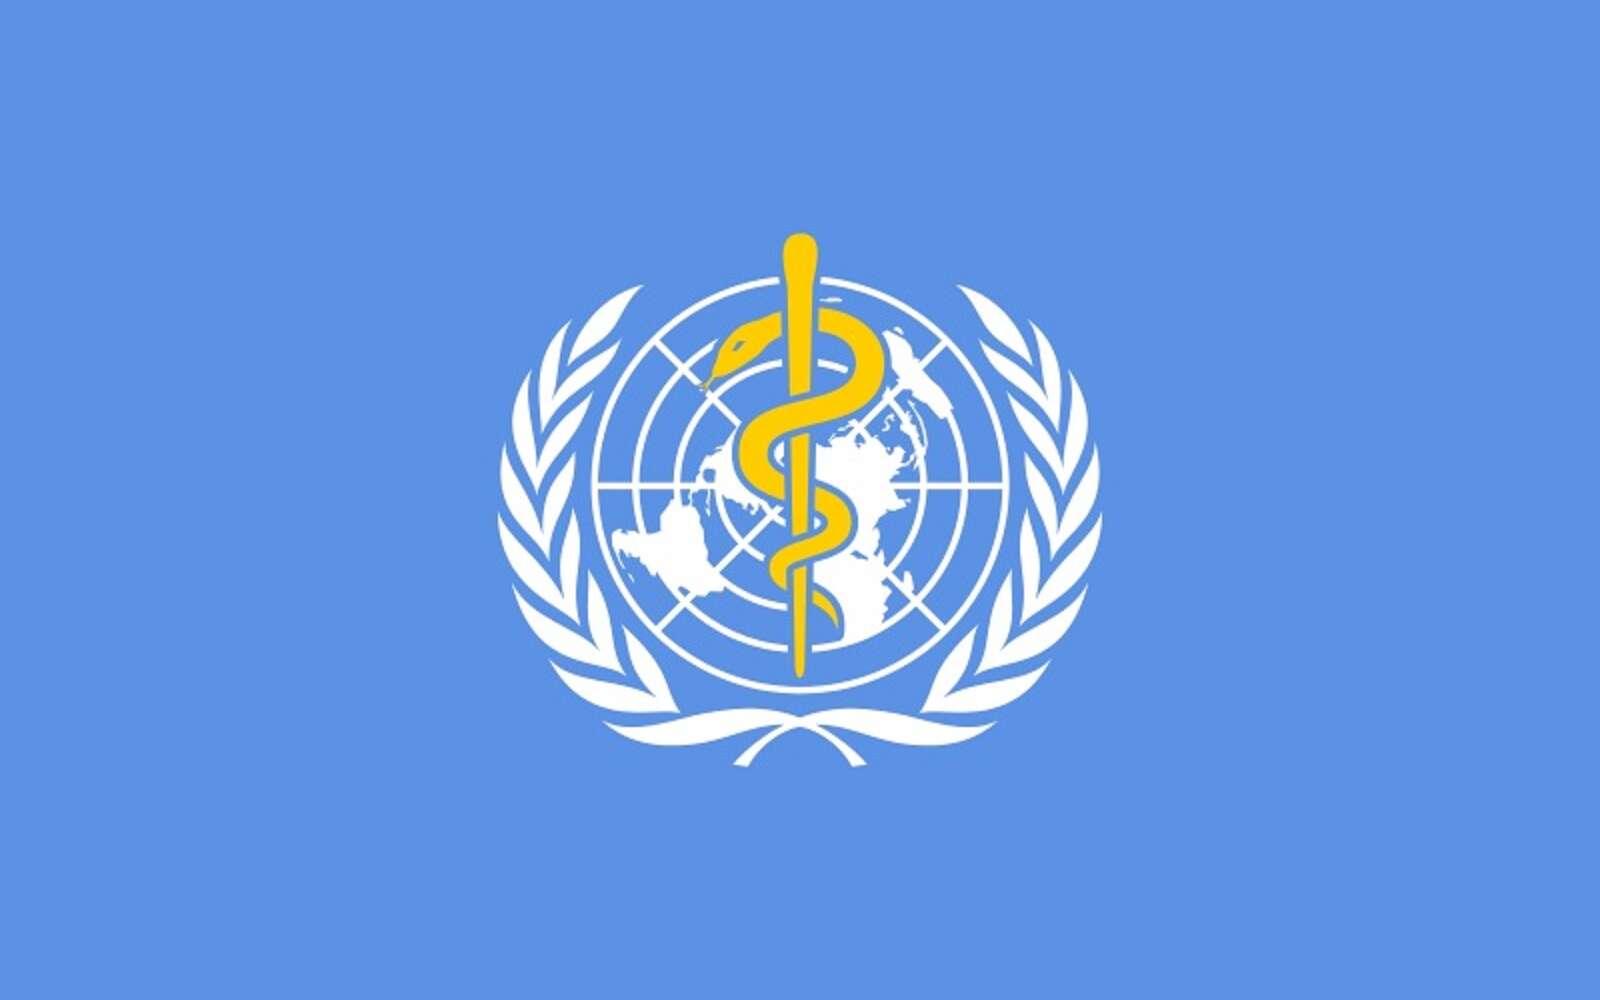 L'Organisation mondiale de la santé (OMS) veille à l'état de santé des habitants de la planète. © Wikipédia, DP